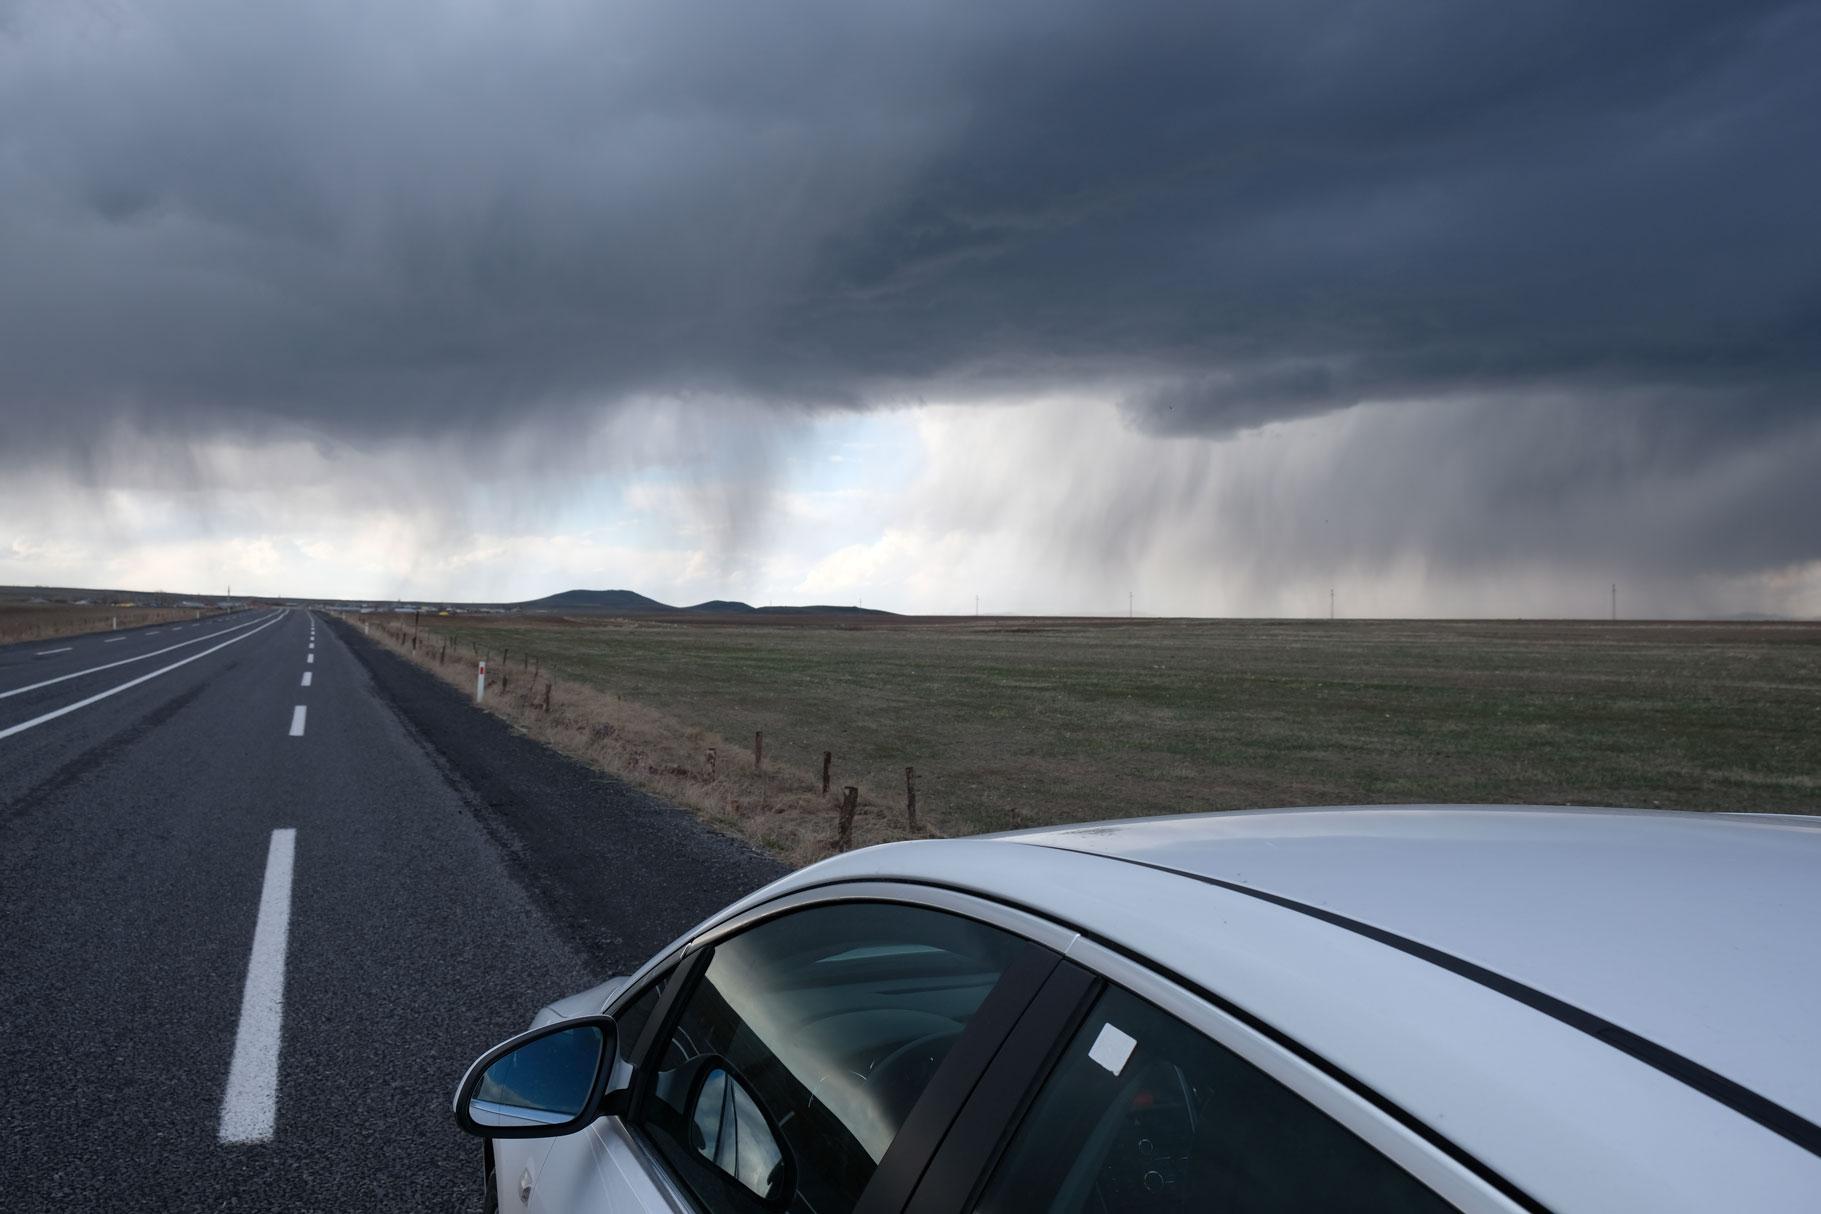 Auf dem Rückweg nach Kars fahren wir auf eine bedrohlich wirkende Regenwand zu